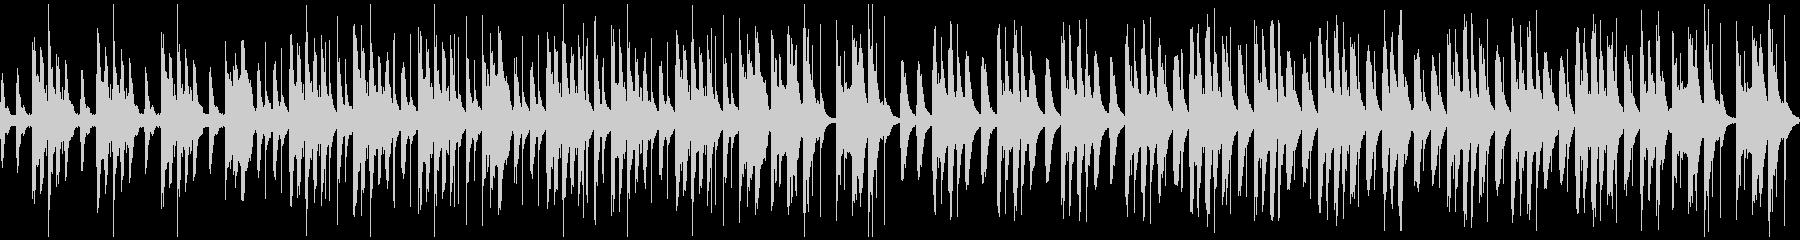 劇伴・コミカルなBGM:2の未再生の波形